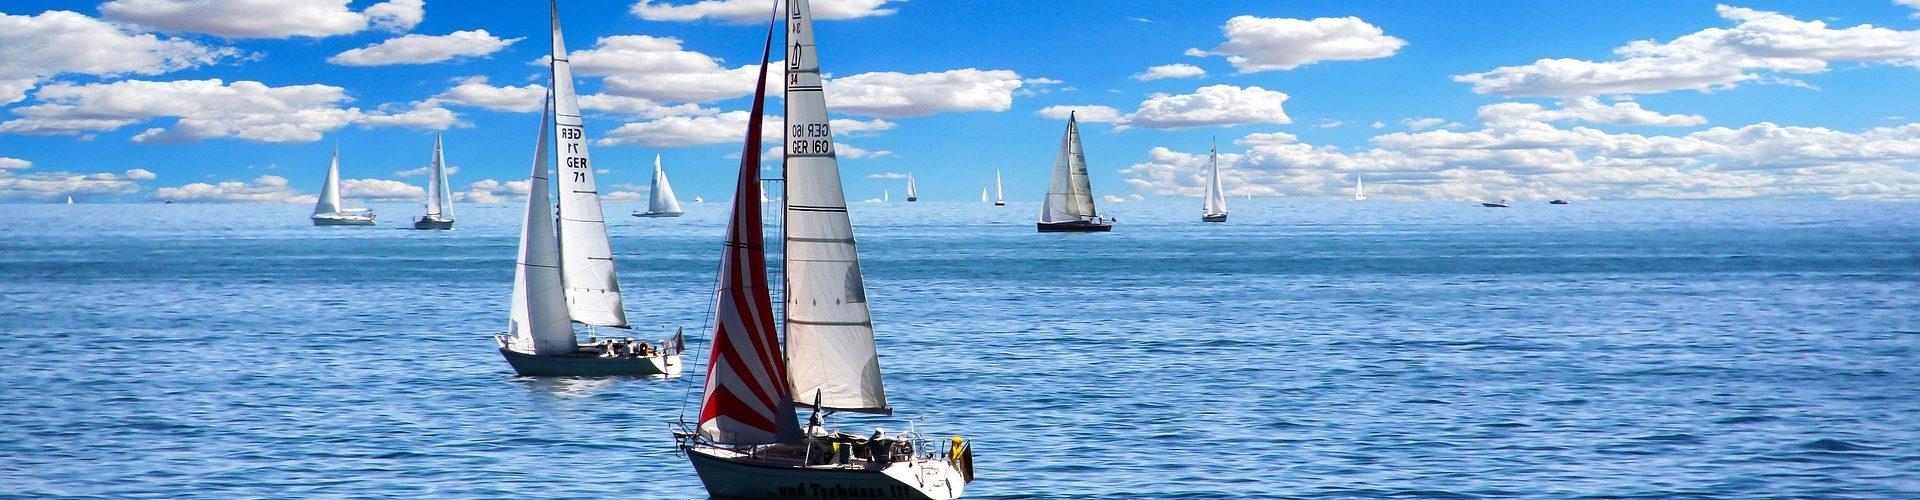 segeln lernen in Ehingen an der Donau segelschein machen in Ehingen an der Donau 1920x500 - Segeln lernen in Ehingen an der Donau